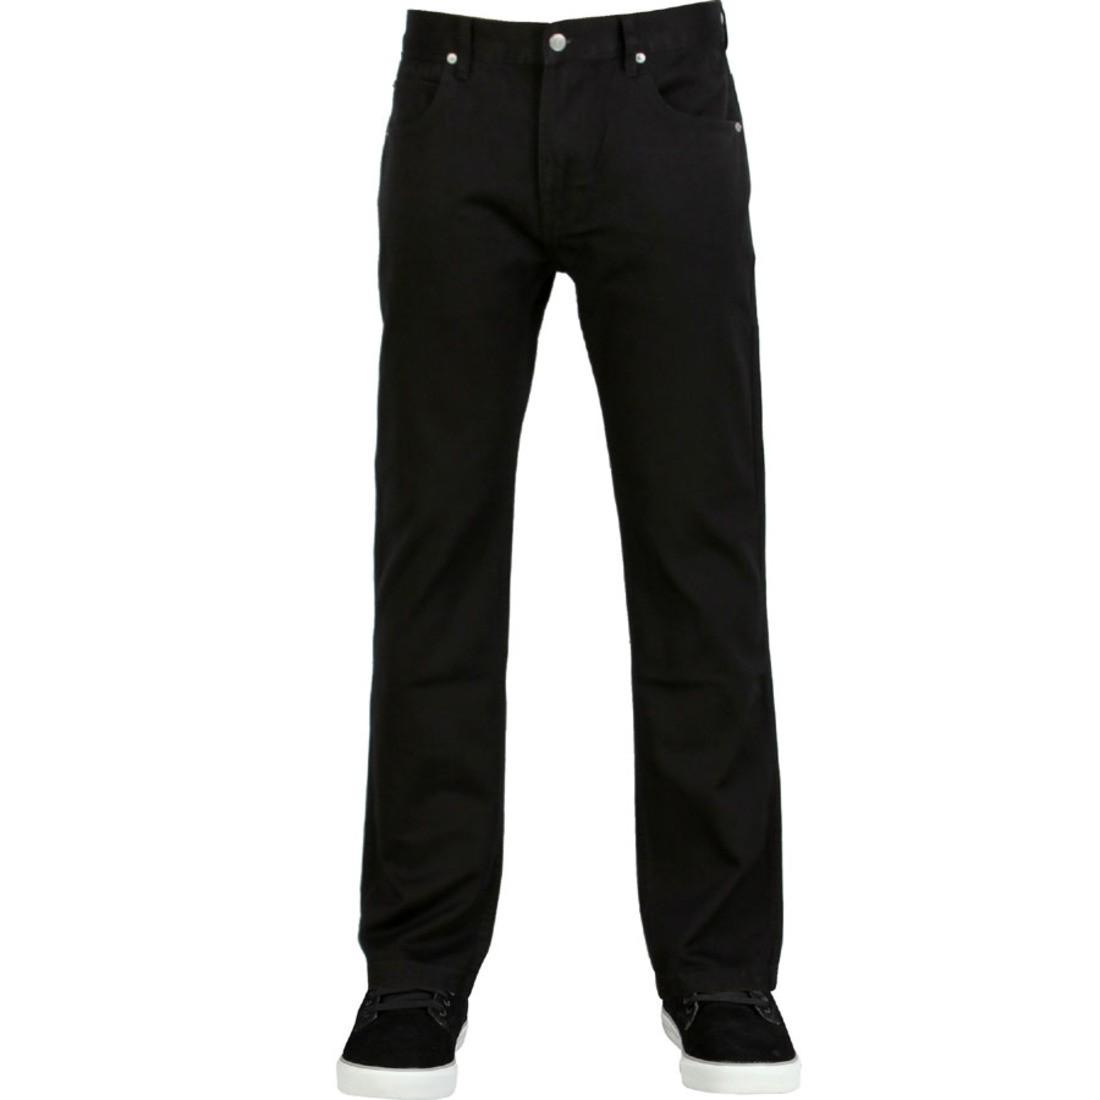 【海外限定】キッド スリム パンツ メンズファッション 【 SLIM THE HUNDREDS KIDD JEAN BLACK 】